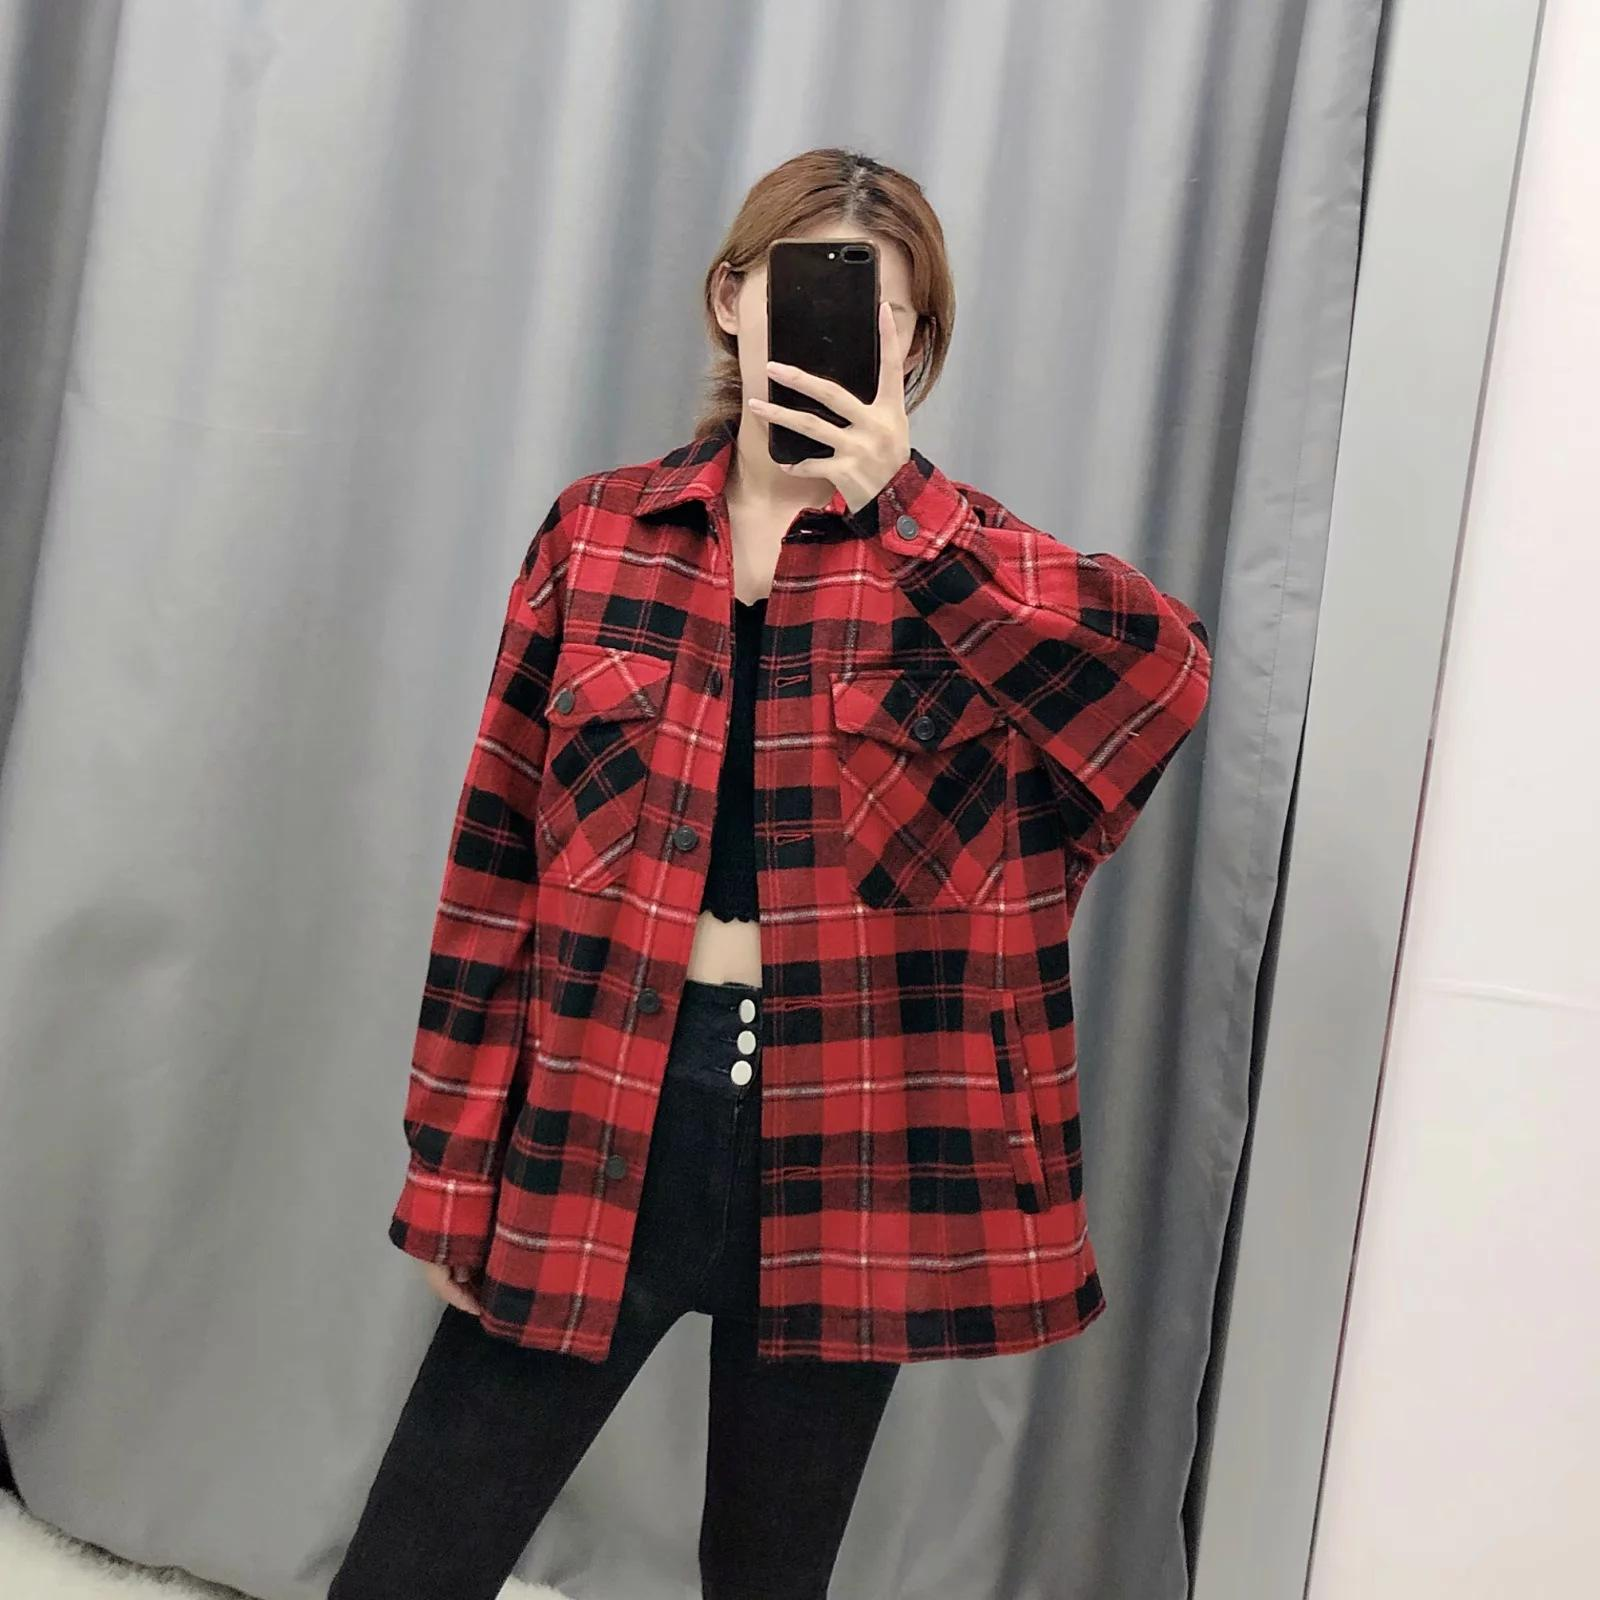 2020 Moda Yaka Yaka Uzun Kollu Gevşek Ceket Chic Top Cep Boyu Çek Ceket